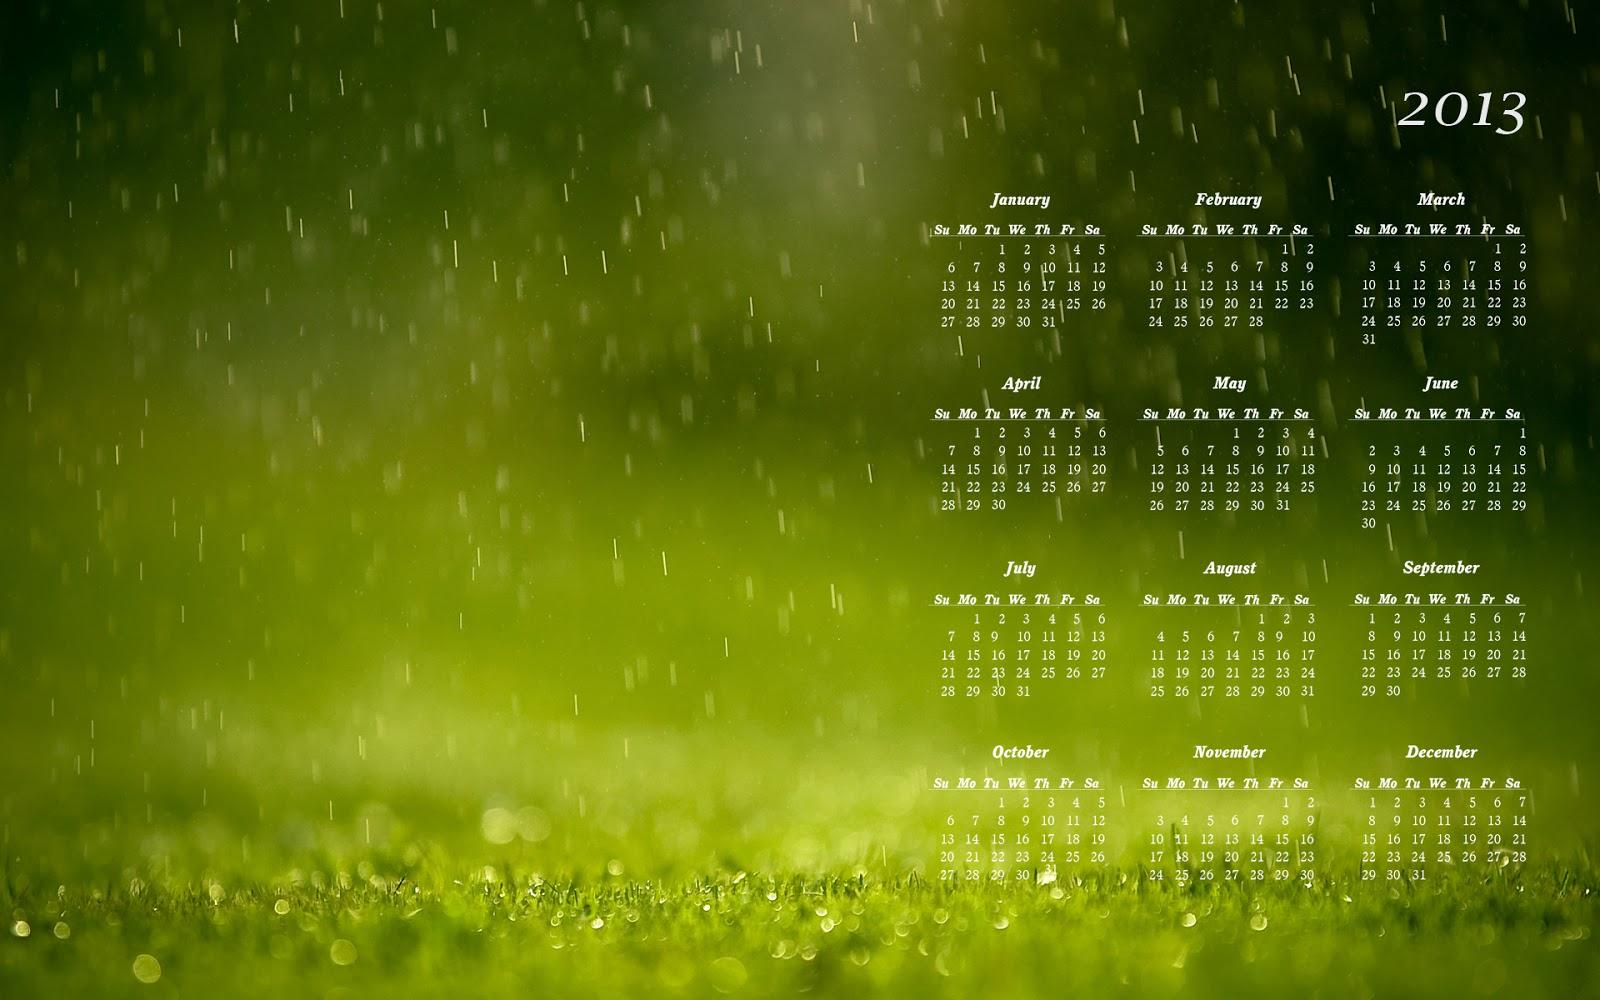 http://3.bp.blogspot.com/-roH20XOIIro/UN3sXnog6HI/AAAAAAAAAQ4/7L53wylF2mQ/s1600/2013-calendar-desktop-wallpaper.jpg